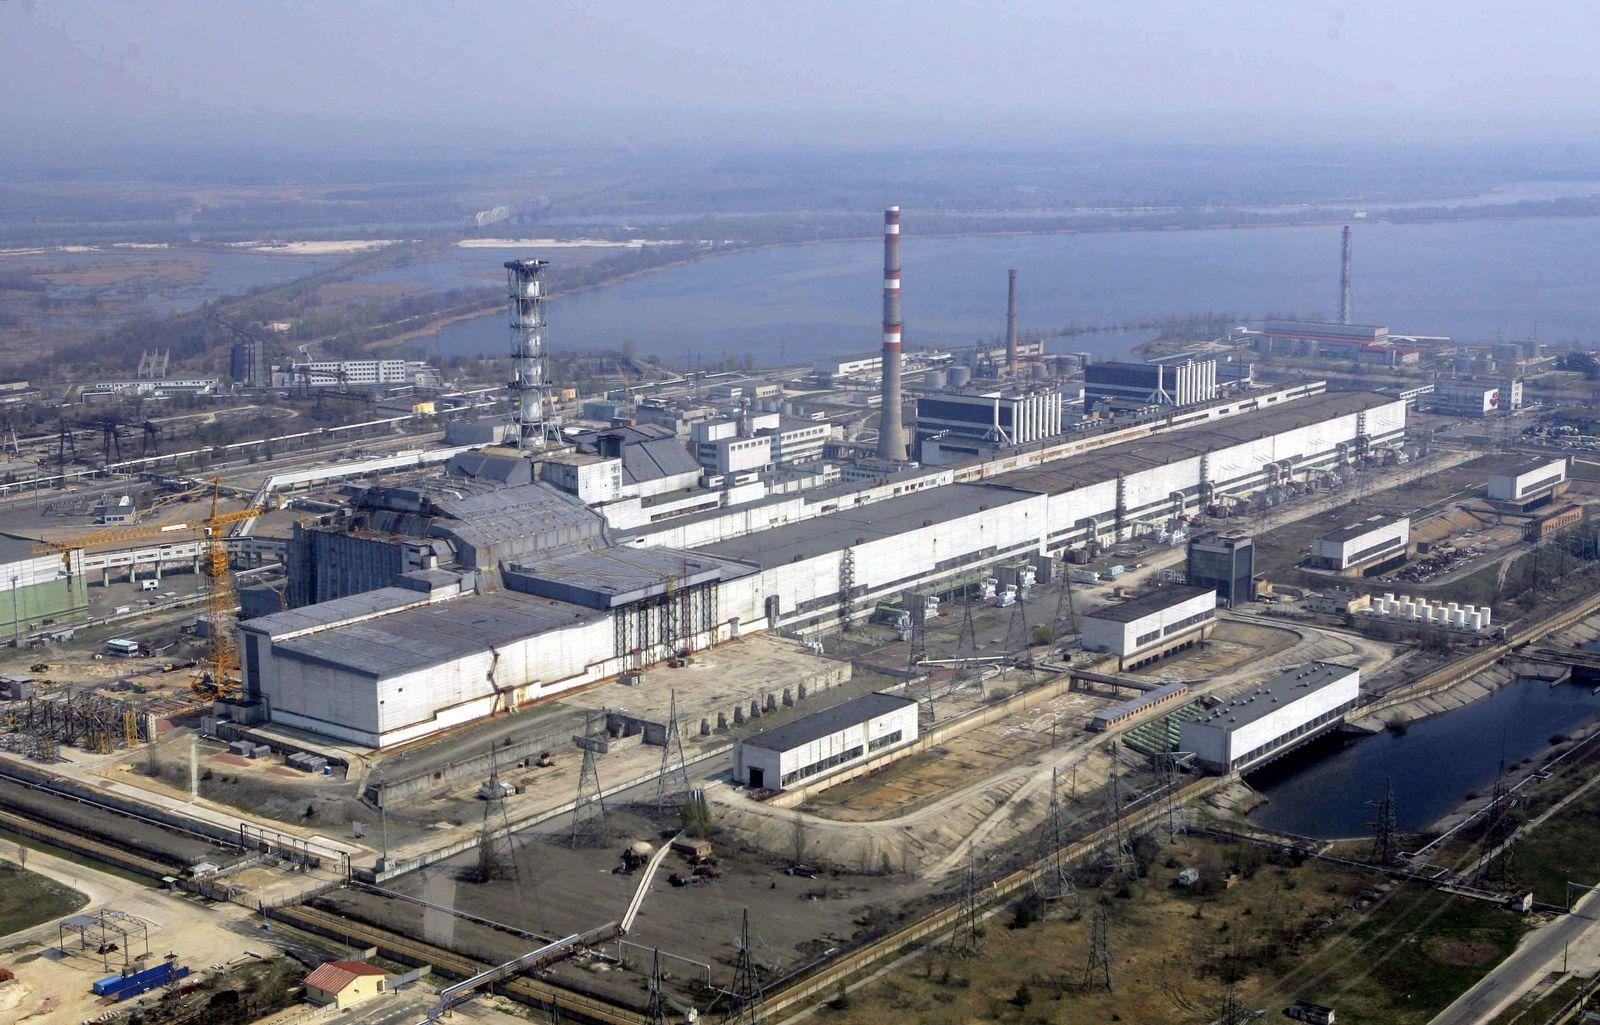 Tschernobyl / Nuklear Versichterung / Kraftwerk